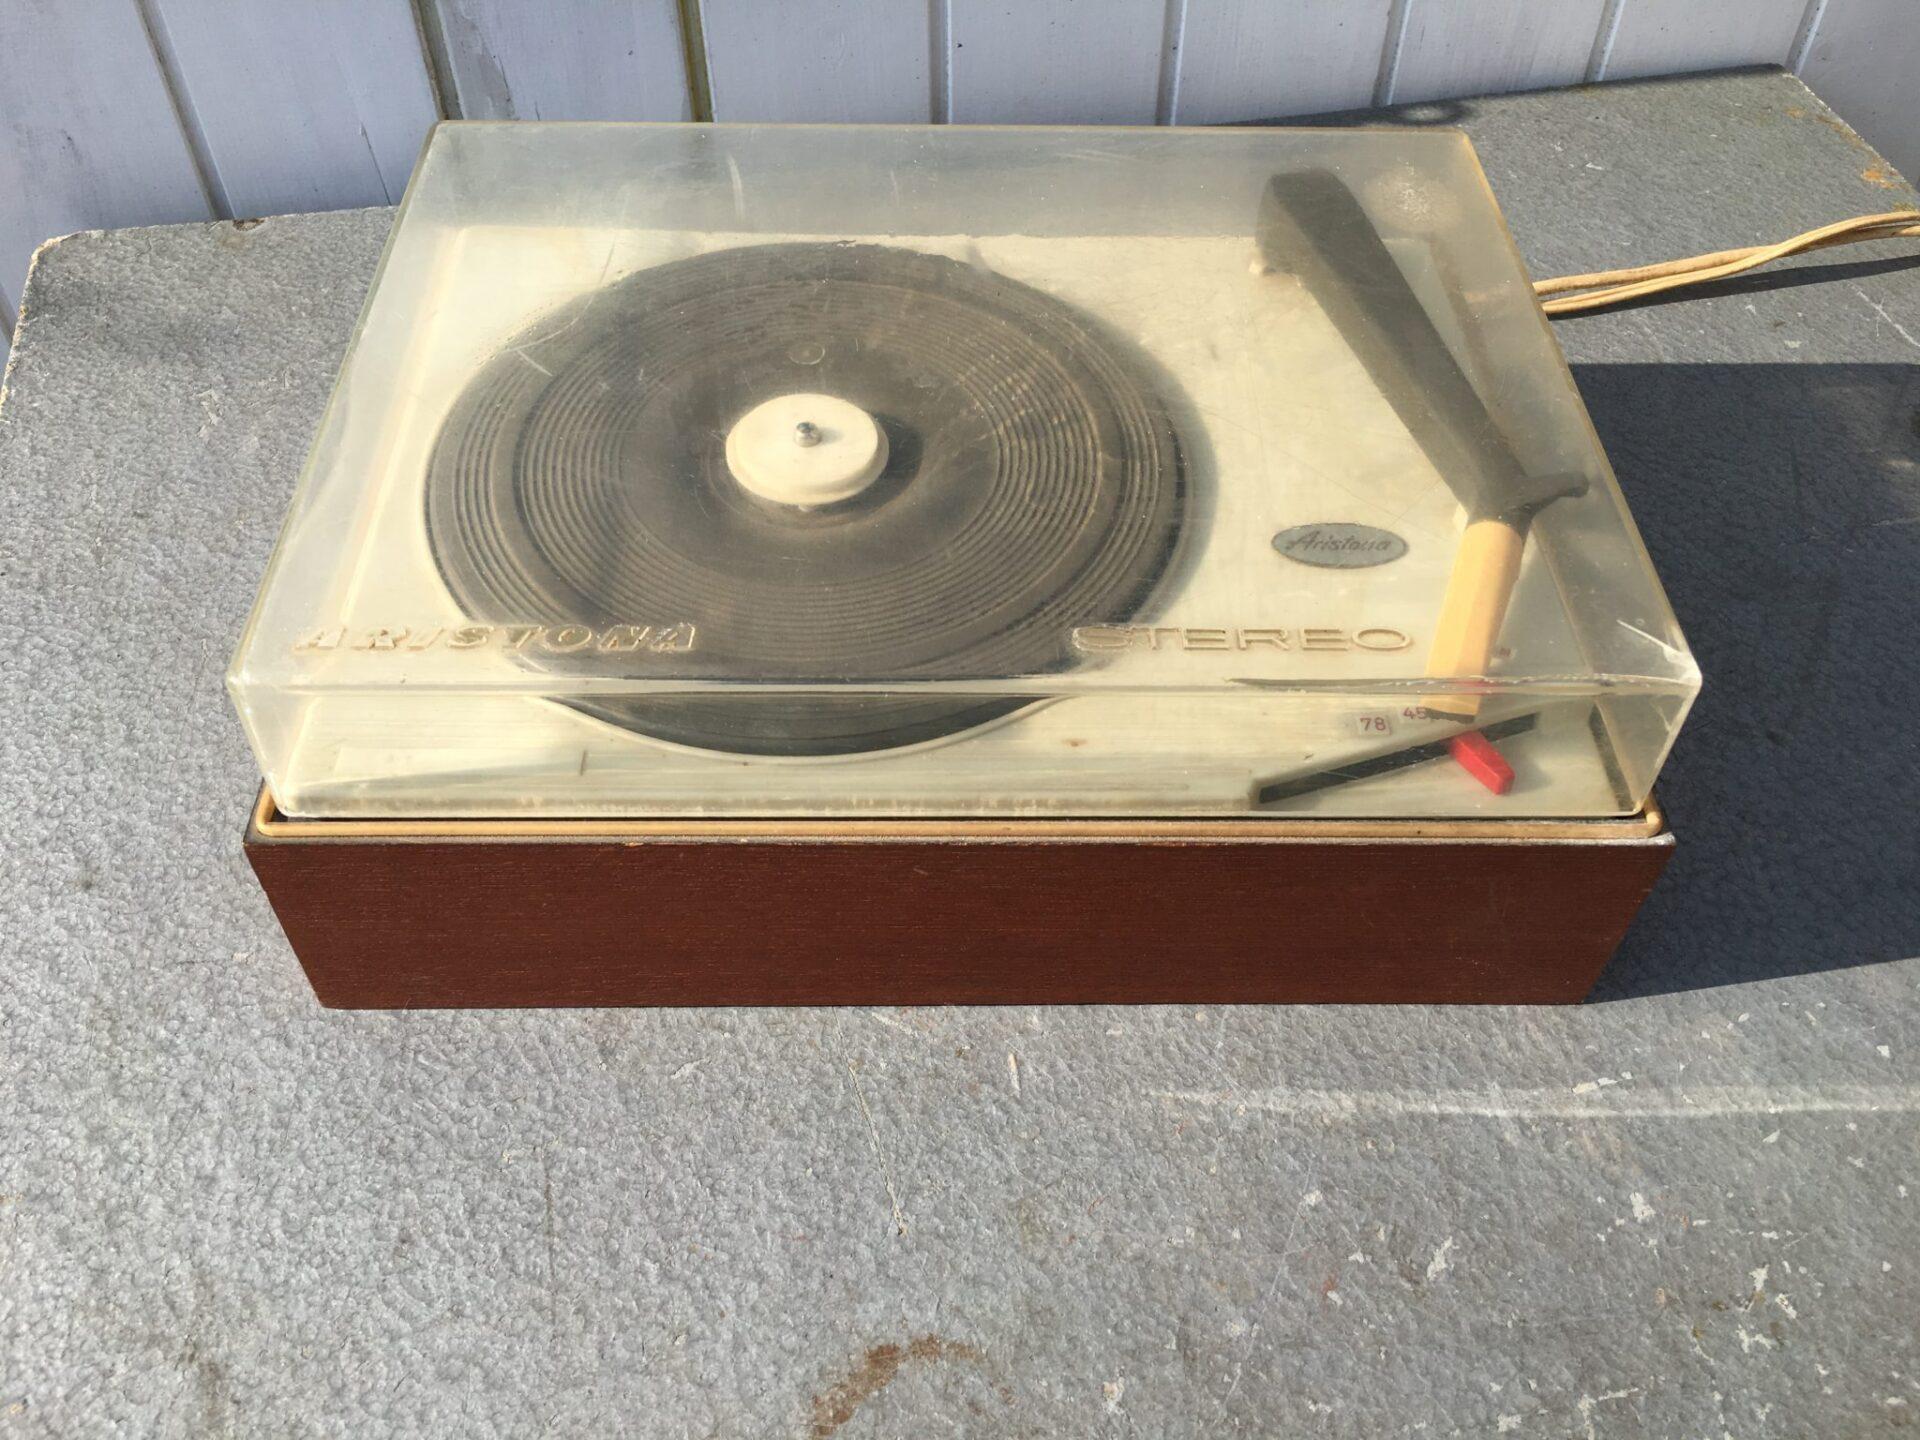 Aristona grammofon, 200 kr